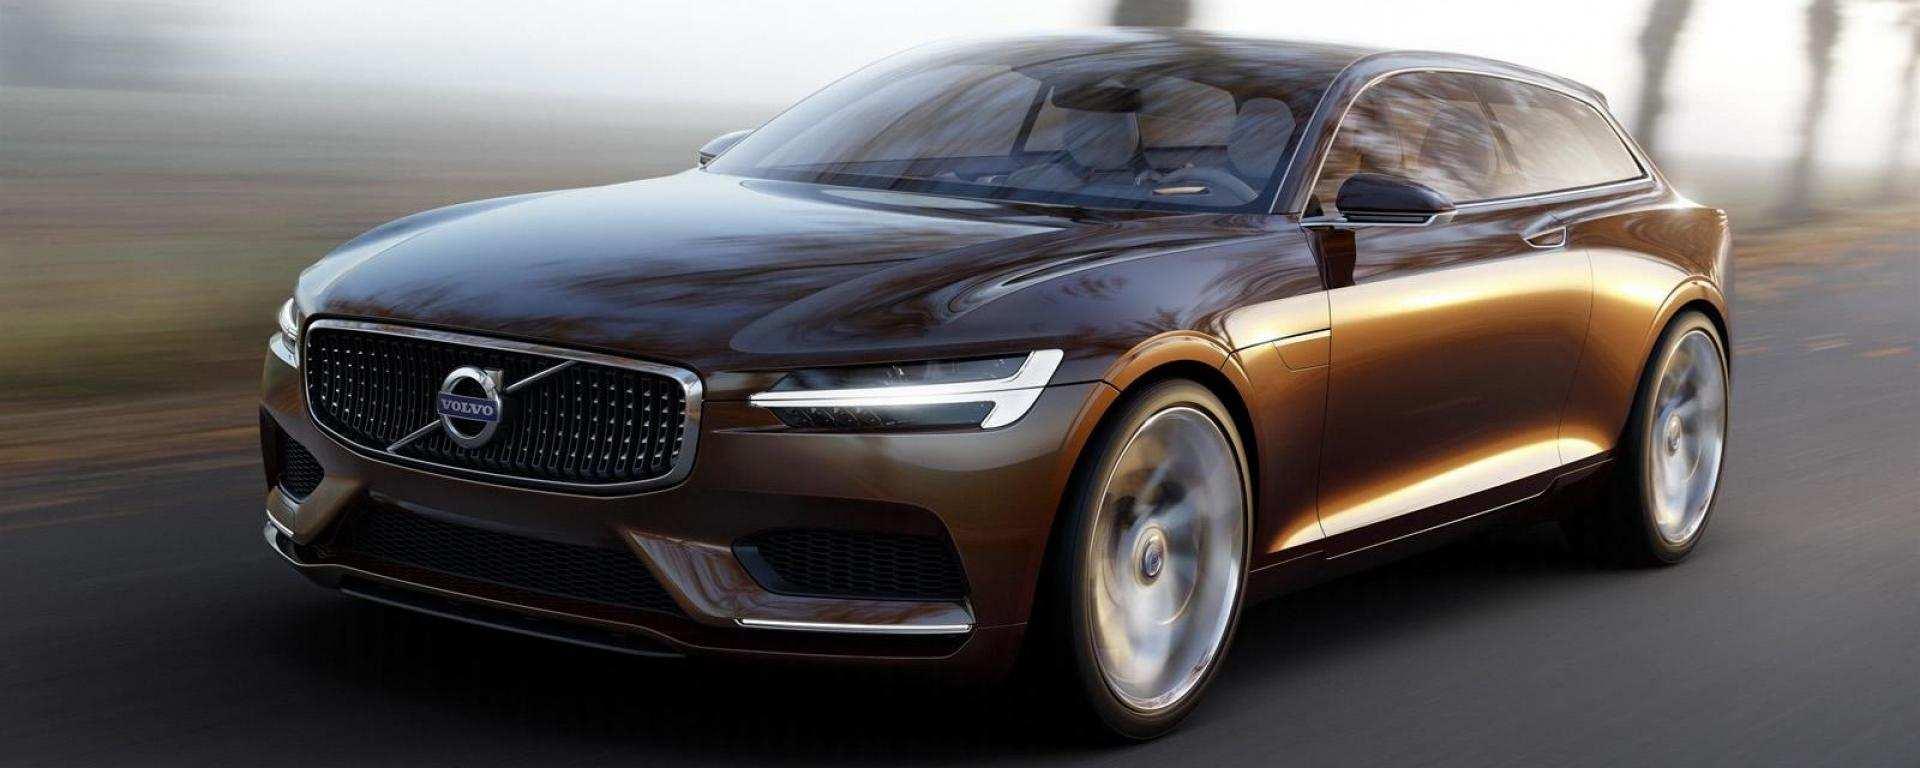 38 All New Volvo Obiettivo 2020 Performance for Volvo Obiettivo 2020